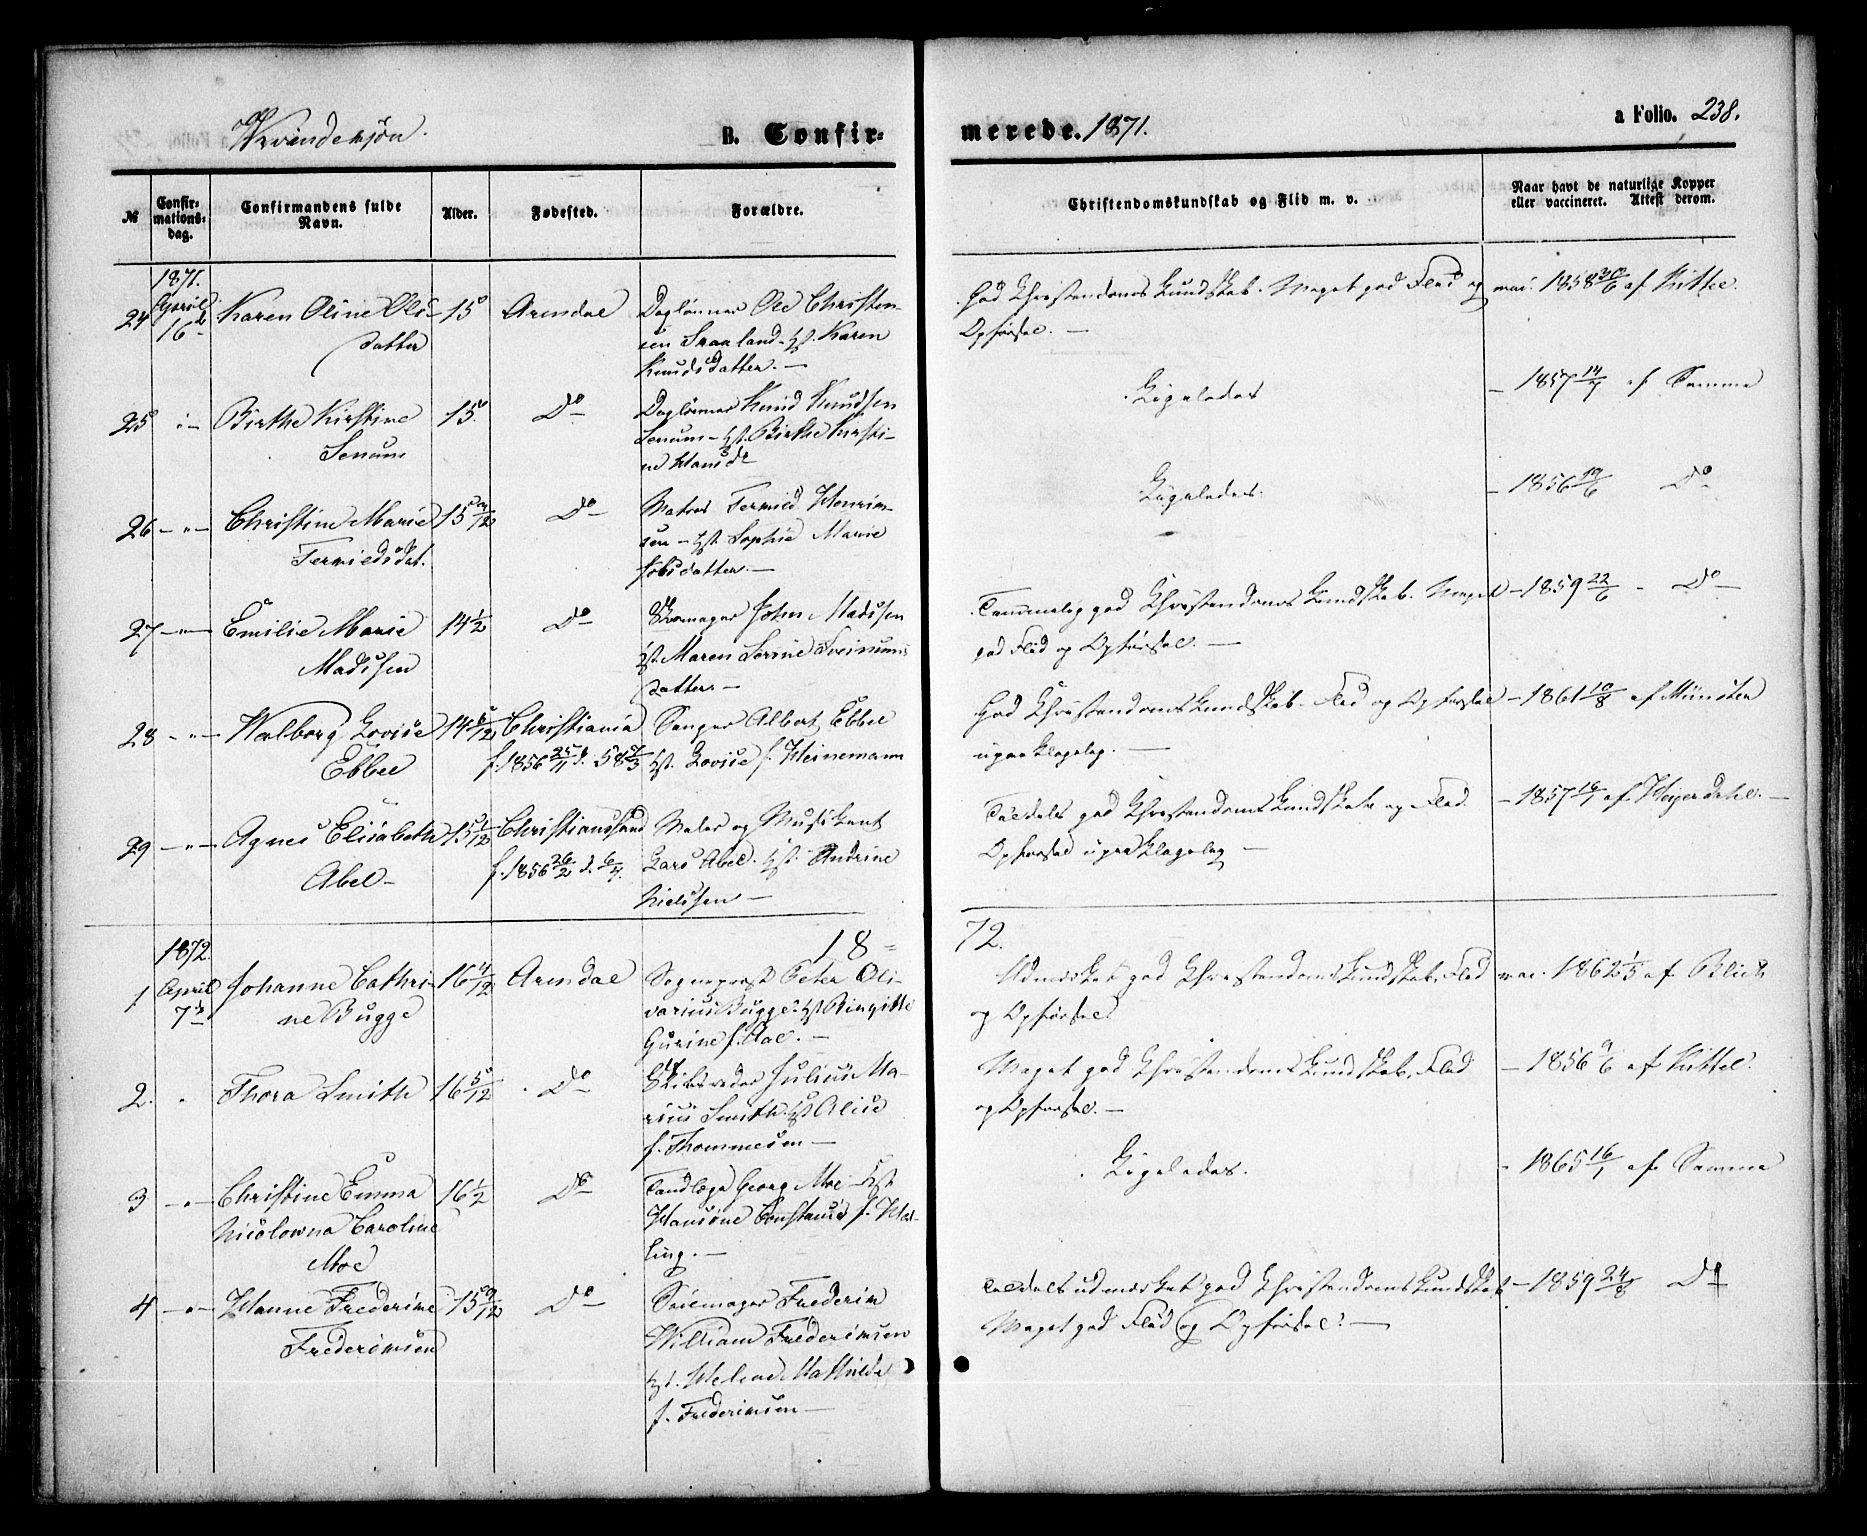 SAK, Arendal sokneprestkontor, Trefoldighet, F/Fa/L0007: Ministerialbok nr. A 7, 1868-1878, s. 238